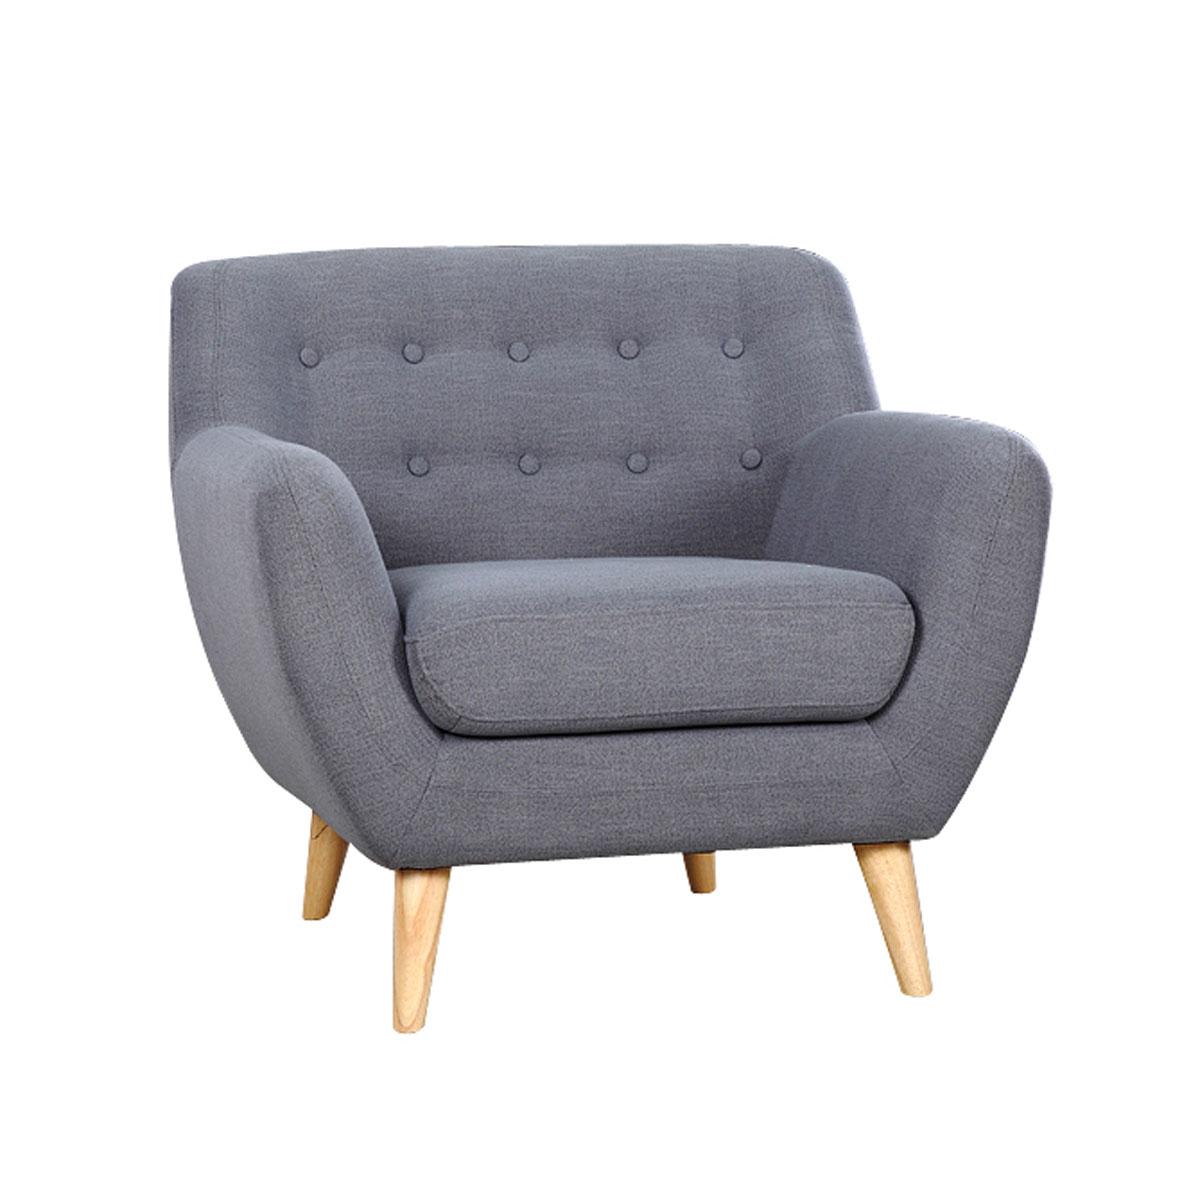 כורסא מעוצבת דגם PICASSO במבחר צבעים